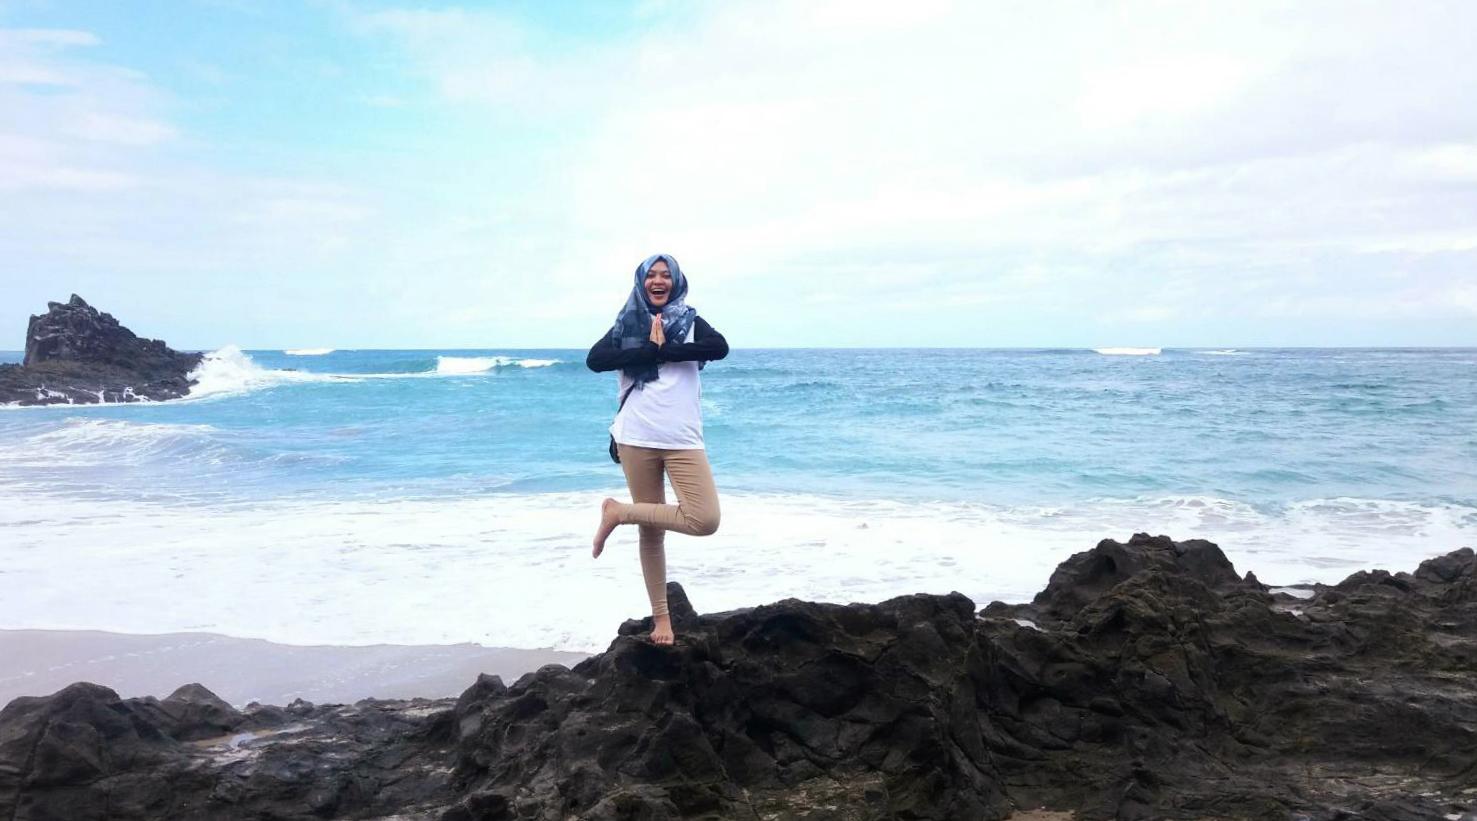 pantai batu karang indah dan manis dengan cewek cantik dna manis Alda Henidar Yuristia - Wisata ke Pantai Wane Nusa Tenggara Barat